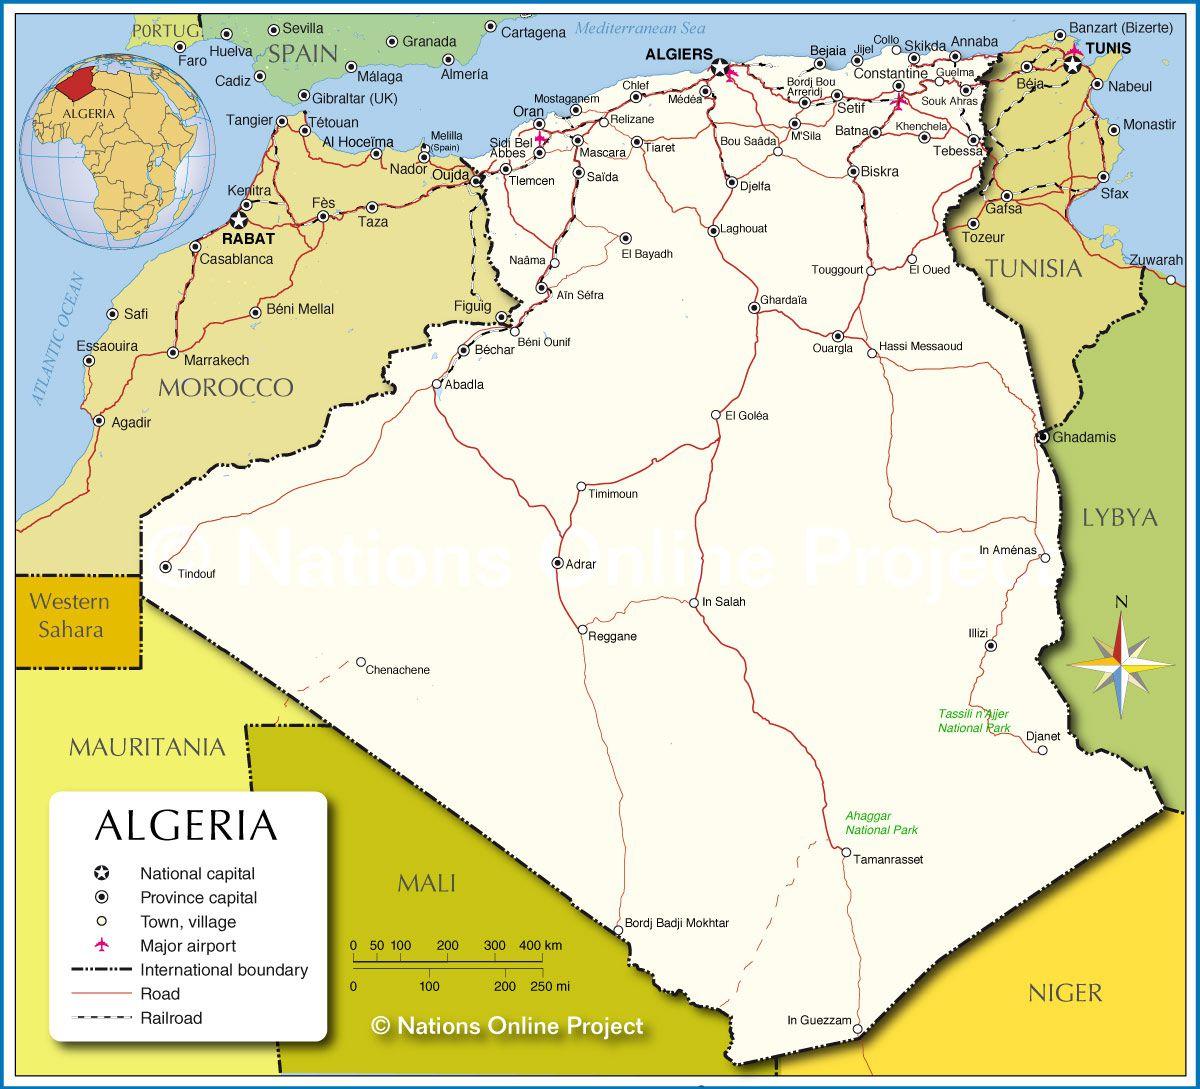 Carte De L'algérie - Villes, Routes, Relief, Administrative intérieur Carte D Europe En Francais